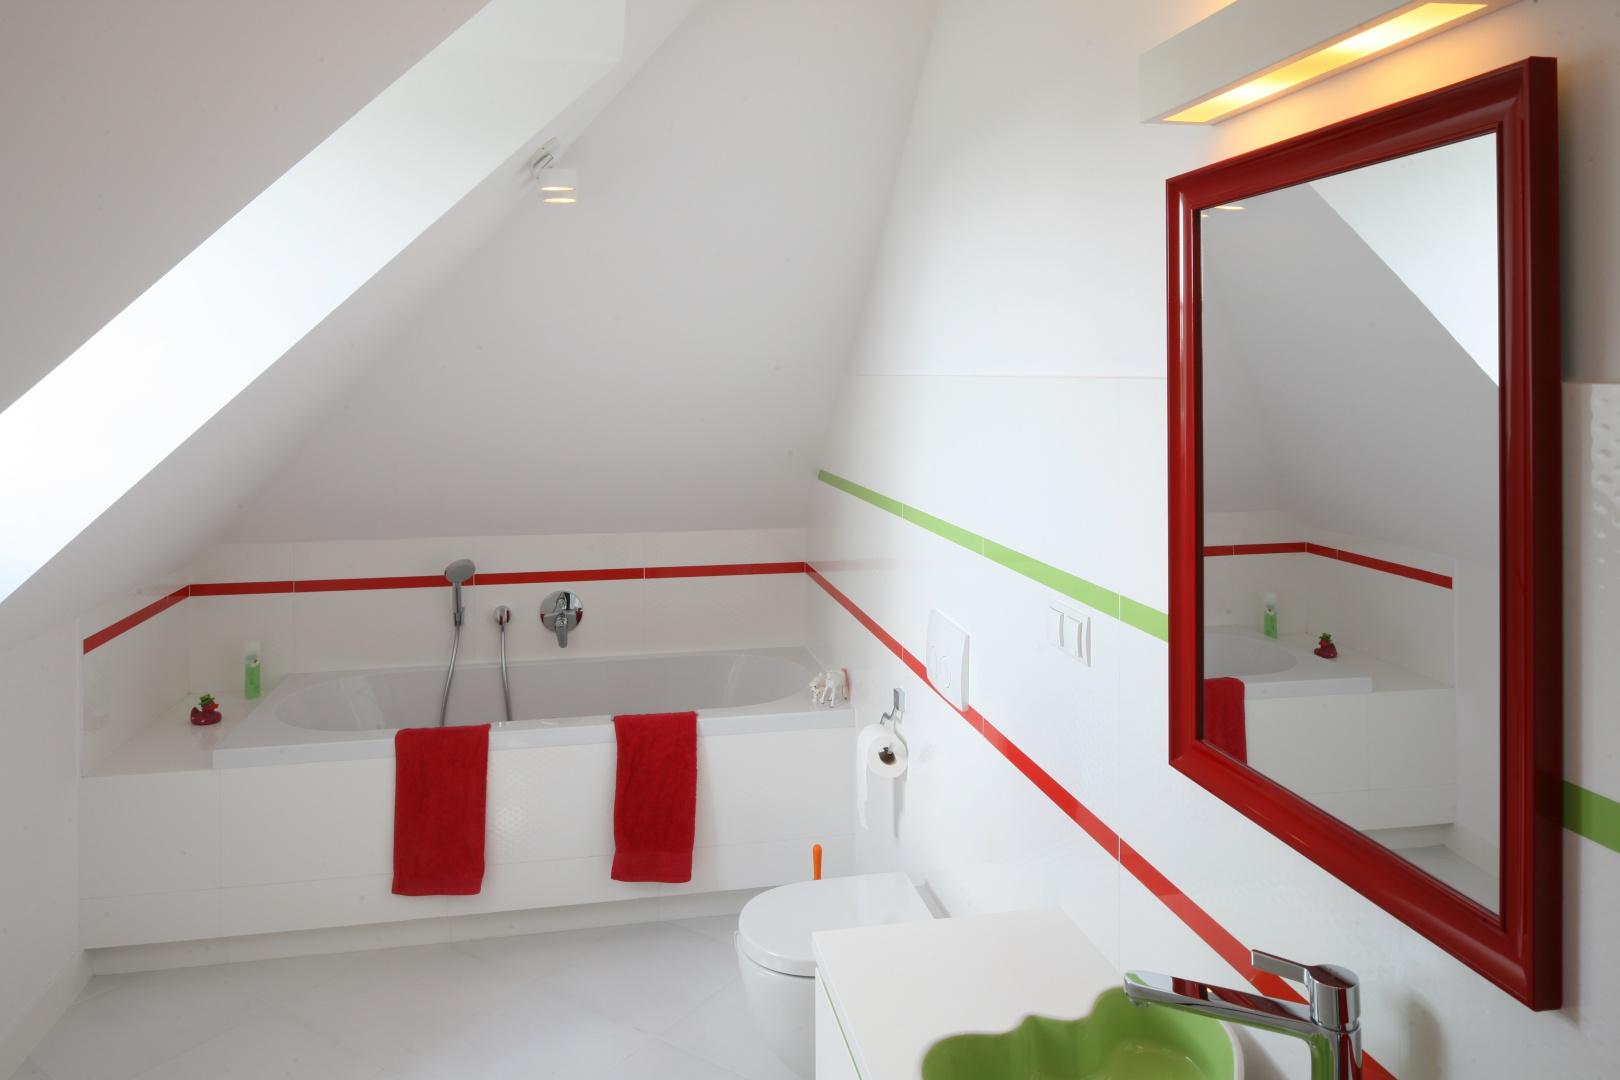 Łazienka dla malucha ożywiona jest czerwienią i zielenią. Wokół wanny jest miejsce nie tylko na kosmetyki, ale także na zabawki, które towarzyszą dziecku w kąpieli.  Projekt: Katarzyna Merta-Korzniakow. Fot. Bartosz Jarosz.